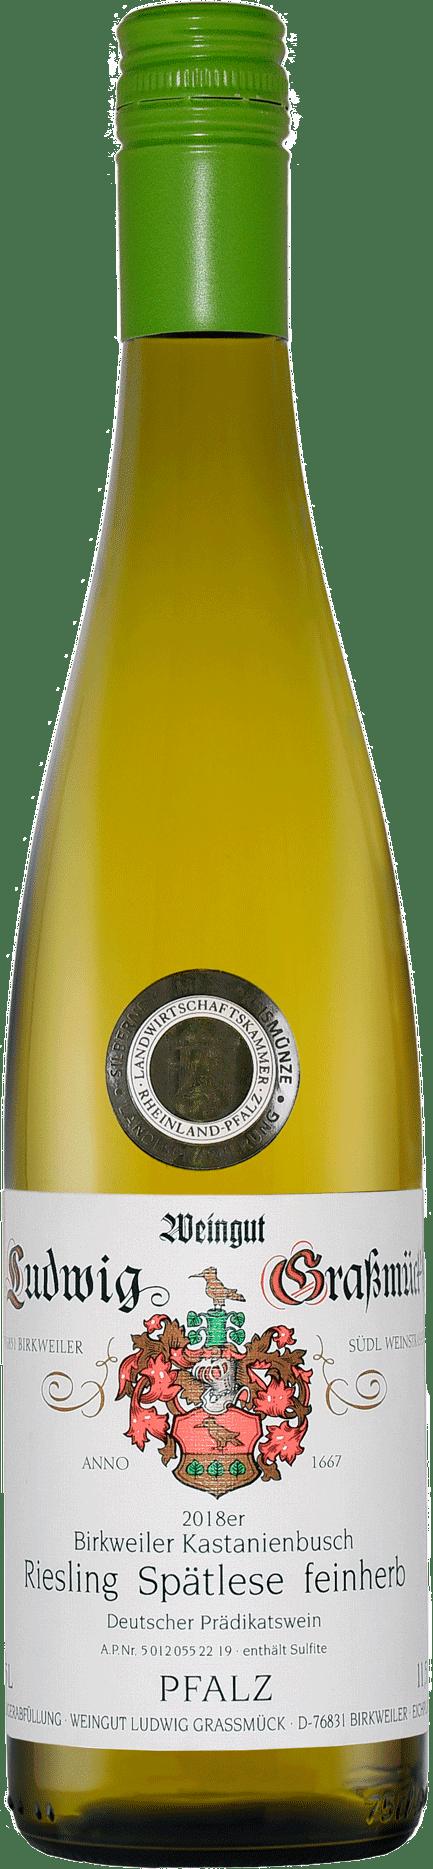 Weingut Ludwig Graßmück, Simon Graßmück, Riesling Spätlese, feinherb